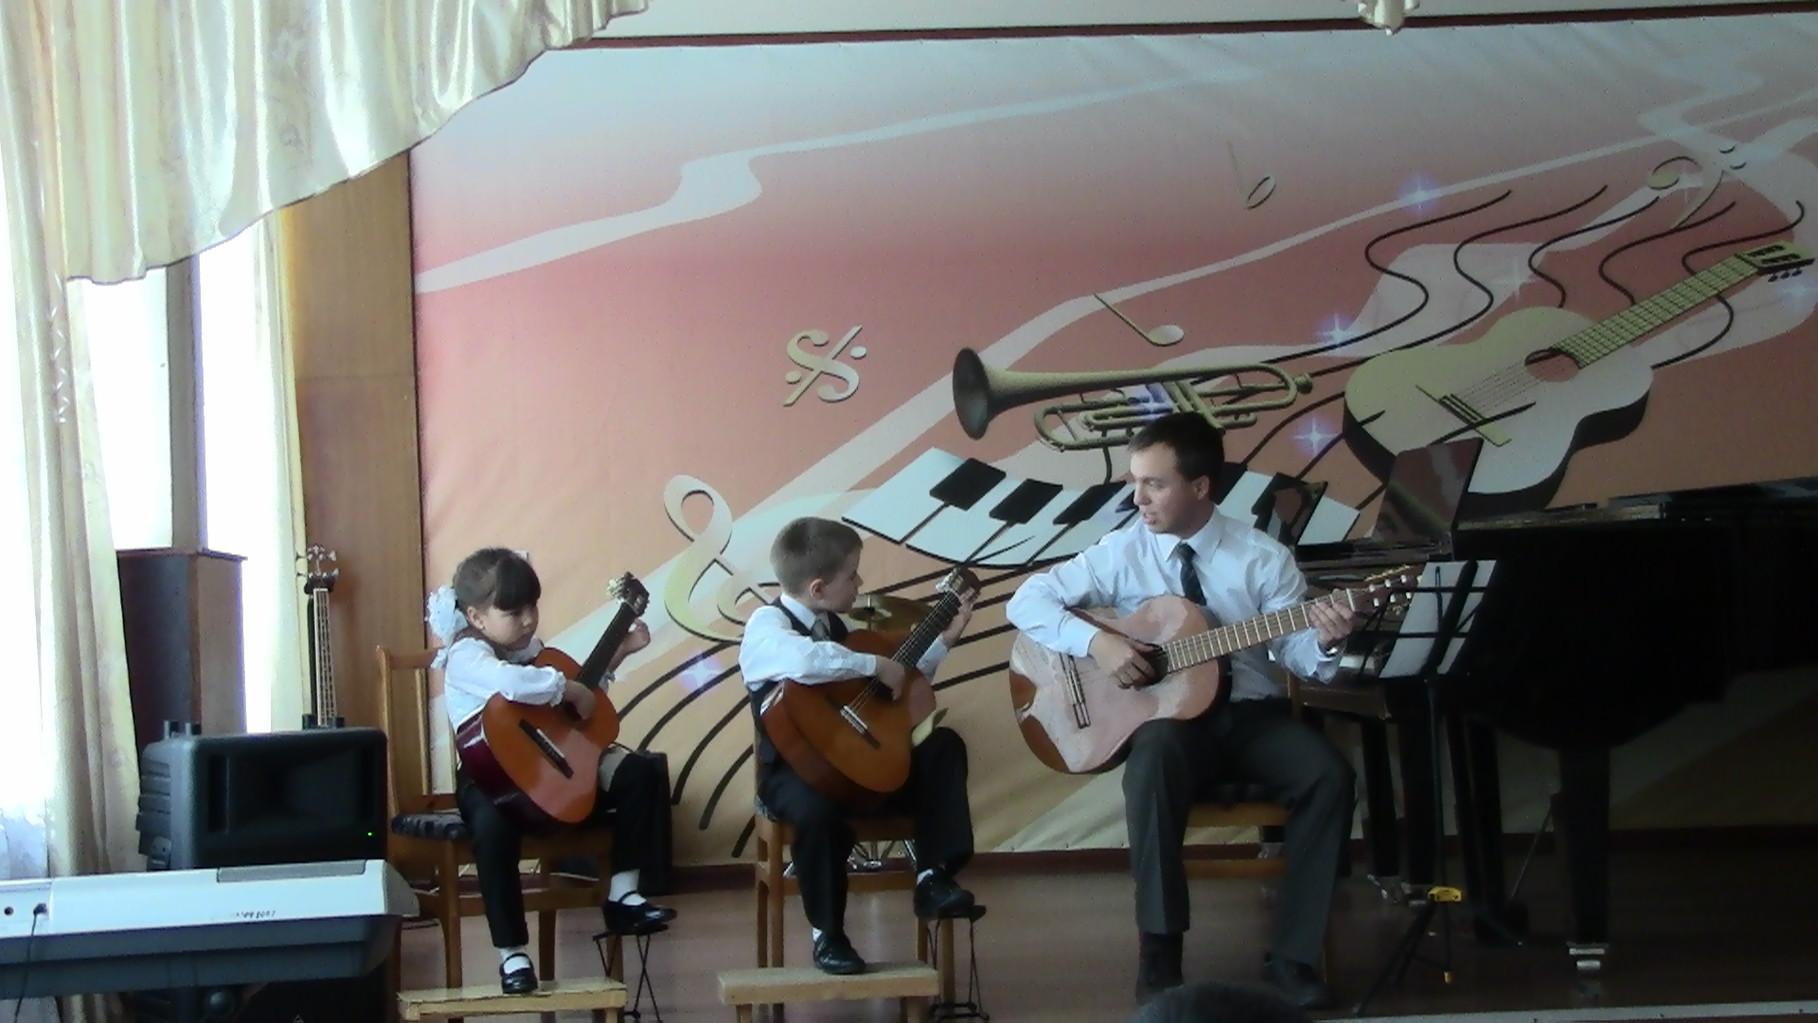 Ансамбль гитаристов: Белова Катя, Числов Паша и Шипулин Дмитрий Владимирович